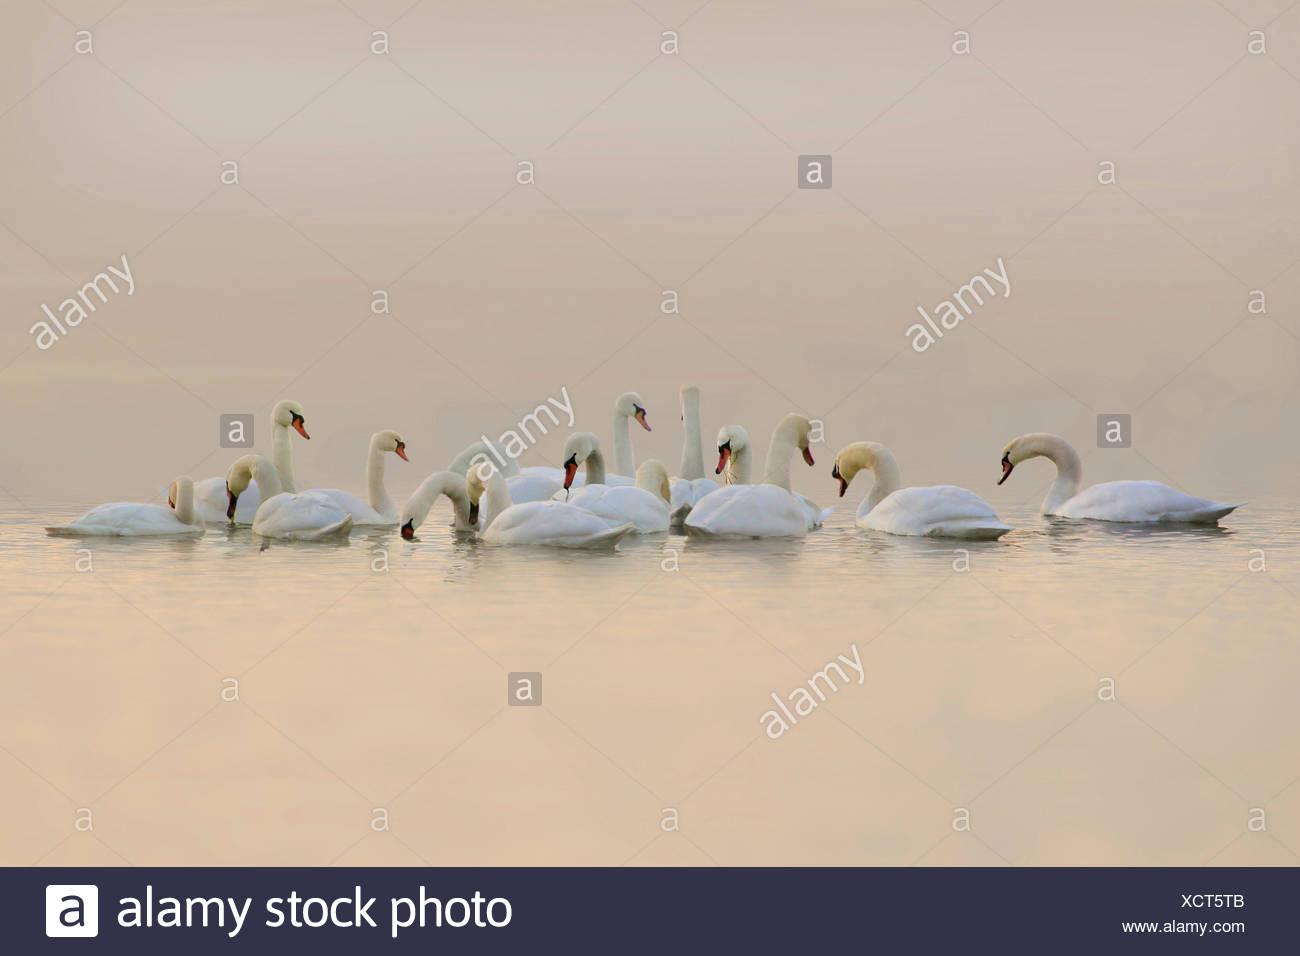 Mute swan (Cygnus olor), groupe sur un lac dans la lumière du soir, Allemagne Photo Stock